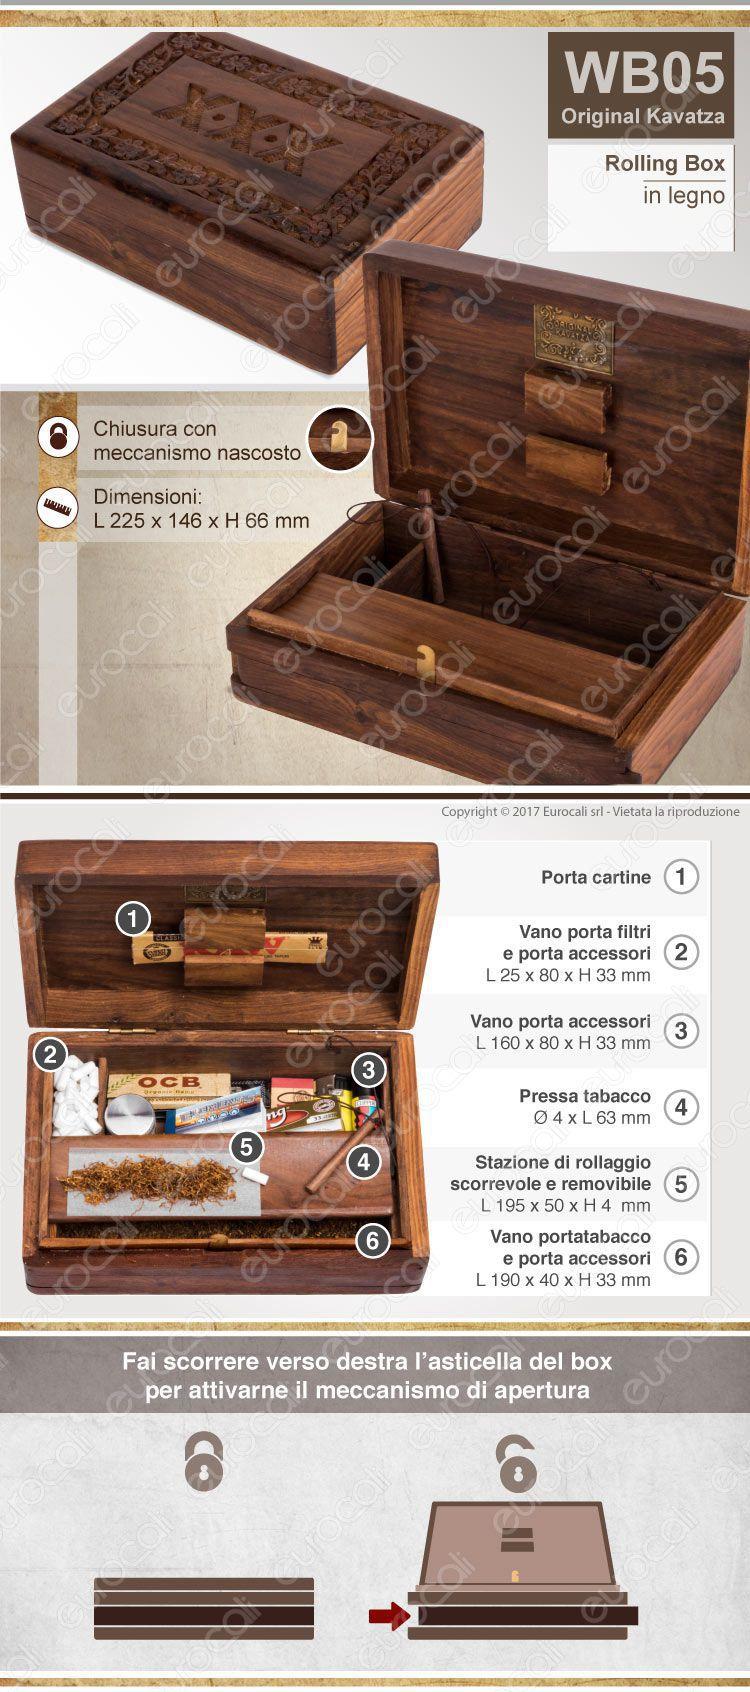 Spliff Box Original Kavatza